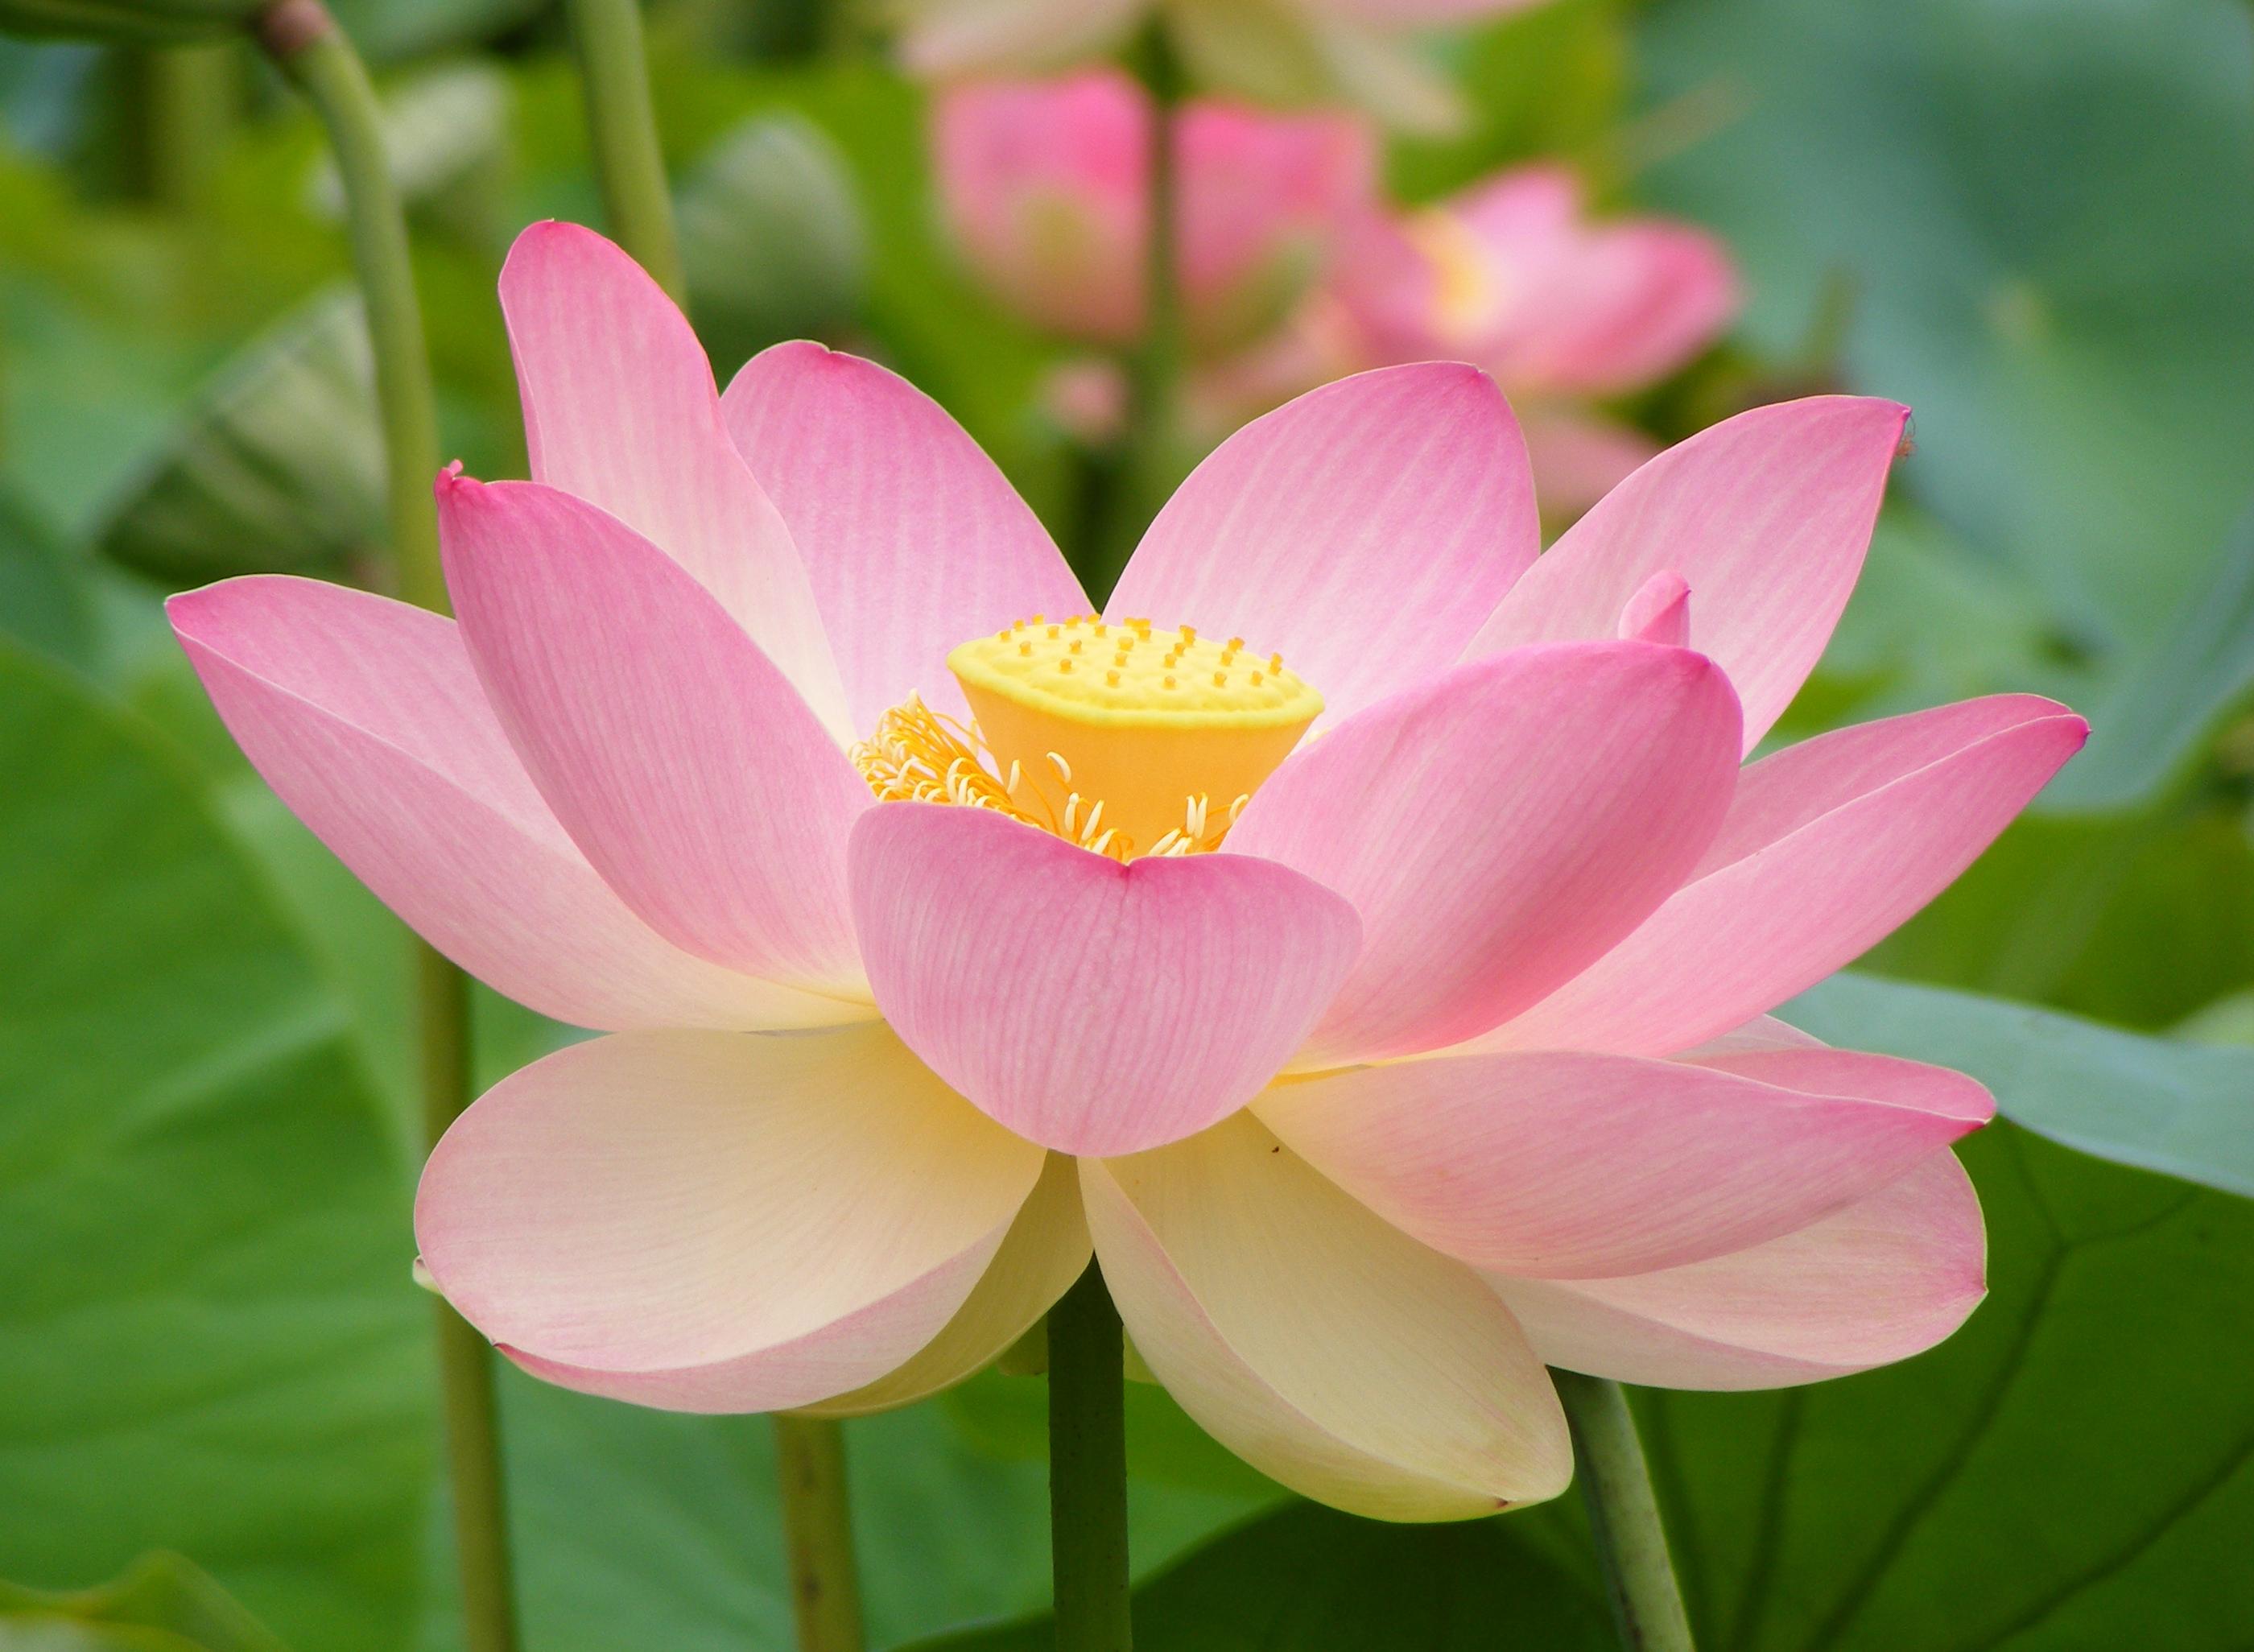 Flor De Loto En La India En Qué Consiste Su Simbolismo